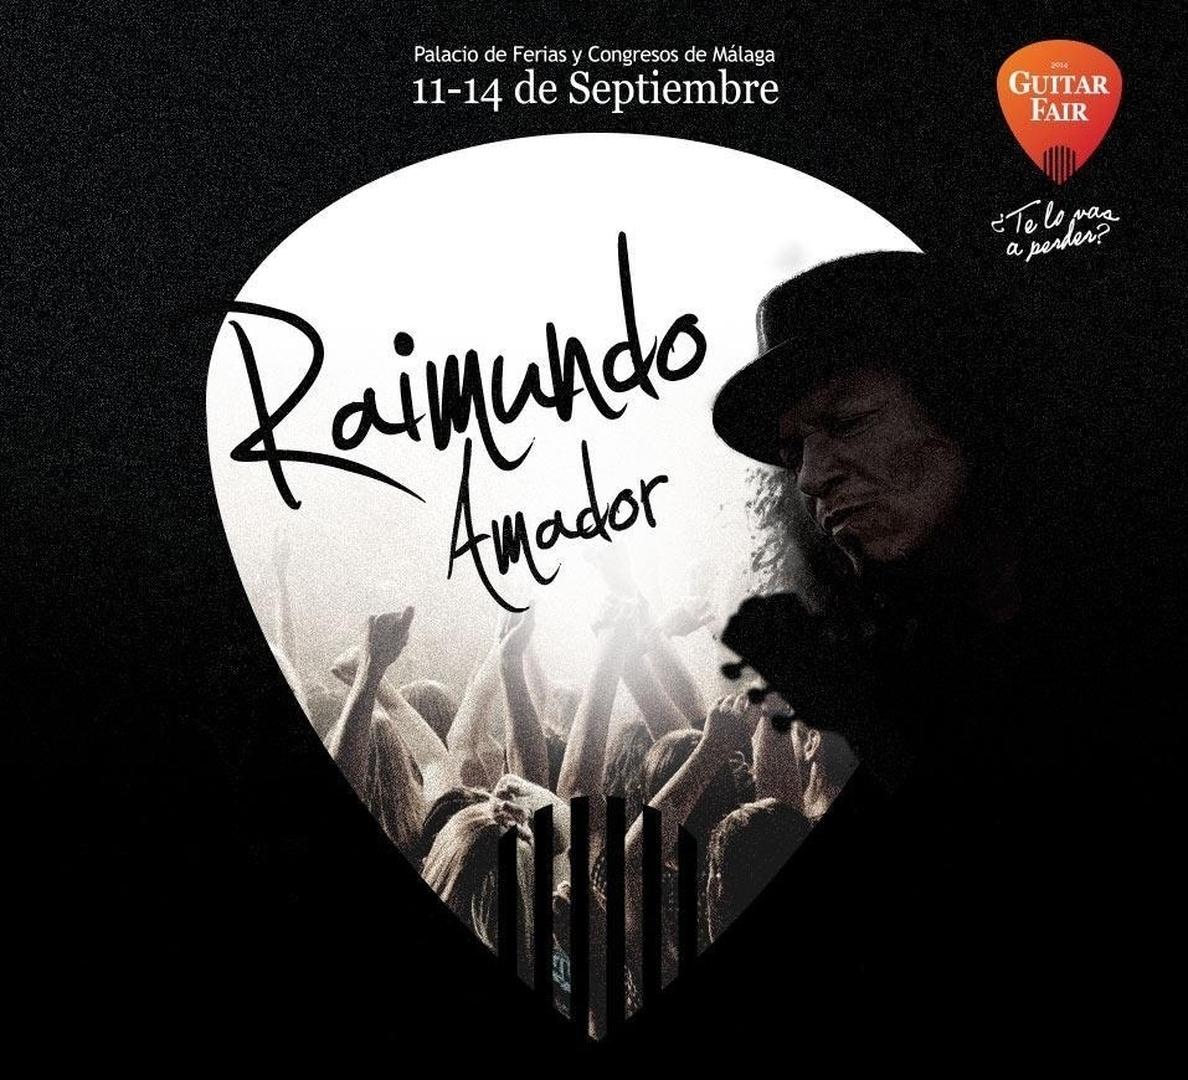 Raimundo Amador y Tabletom llevan su música a la primera edición de »Guitar Fair»